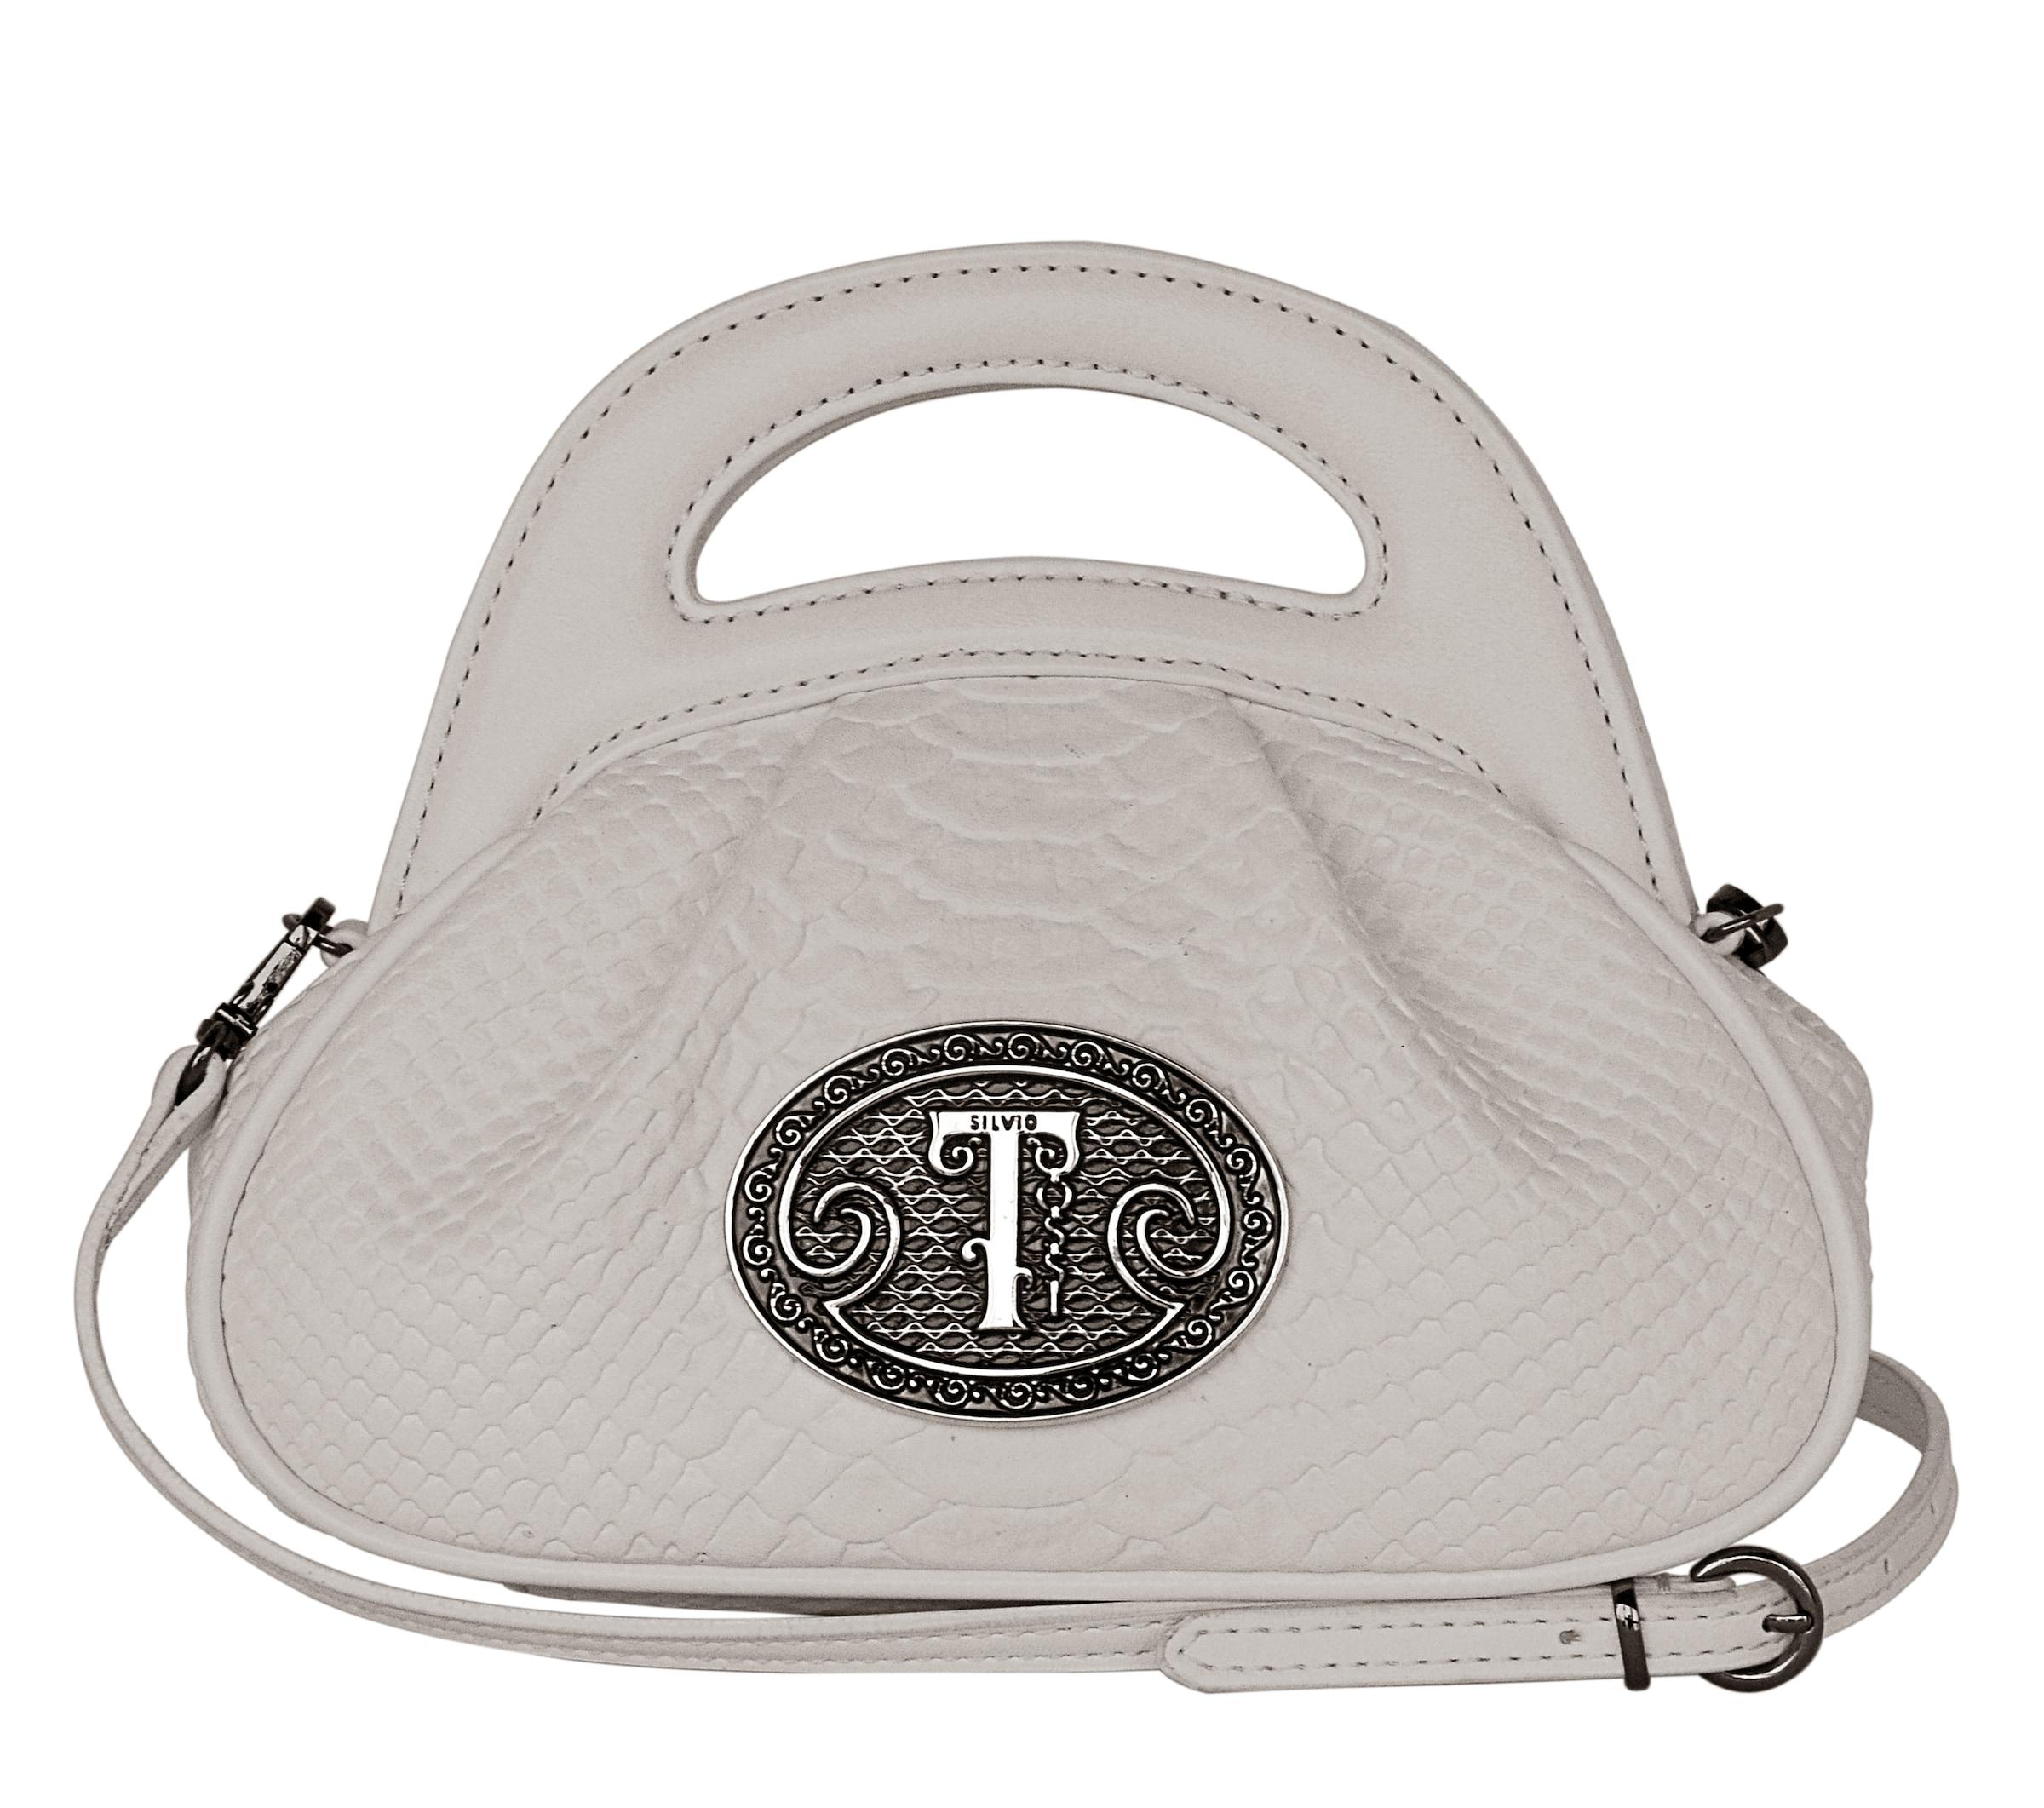 Naturweiß Silvio Tossi Silvio Tossi Handtasche Handtasche In In mv0wON8n